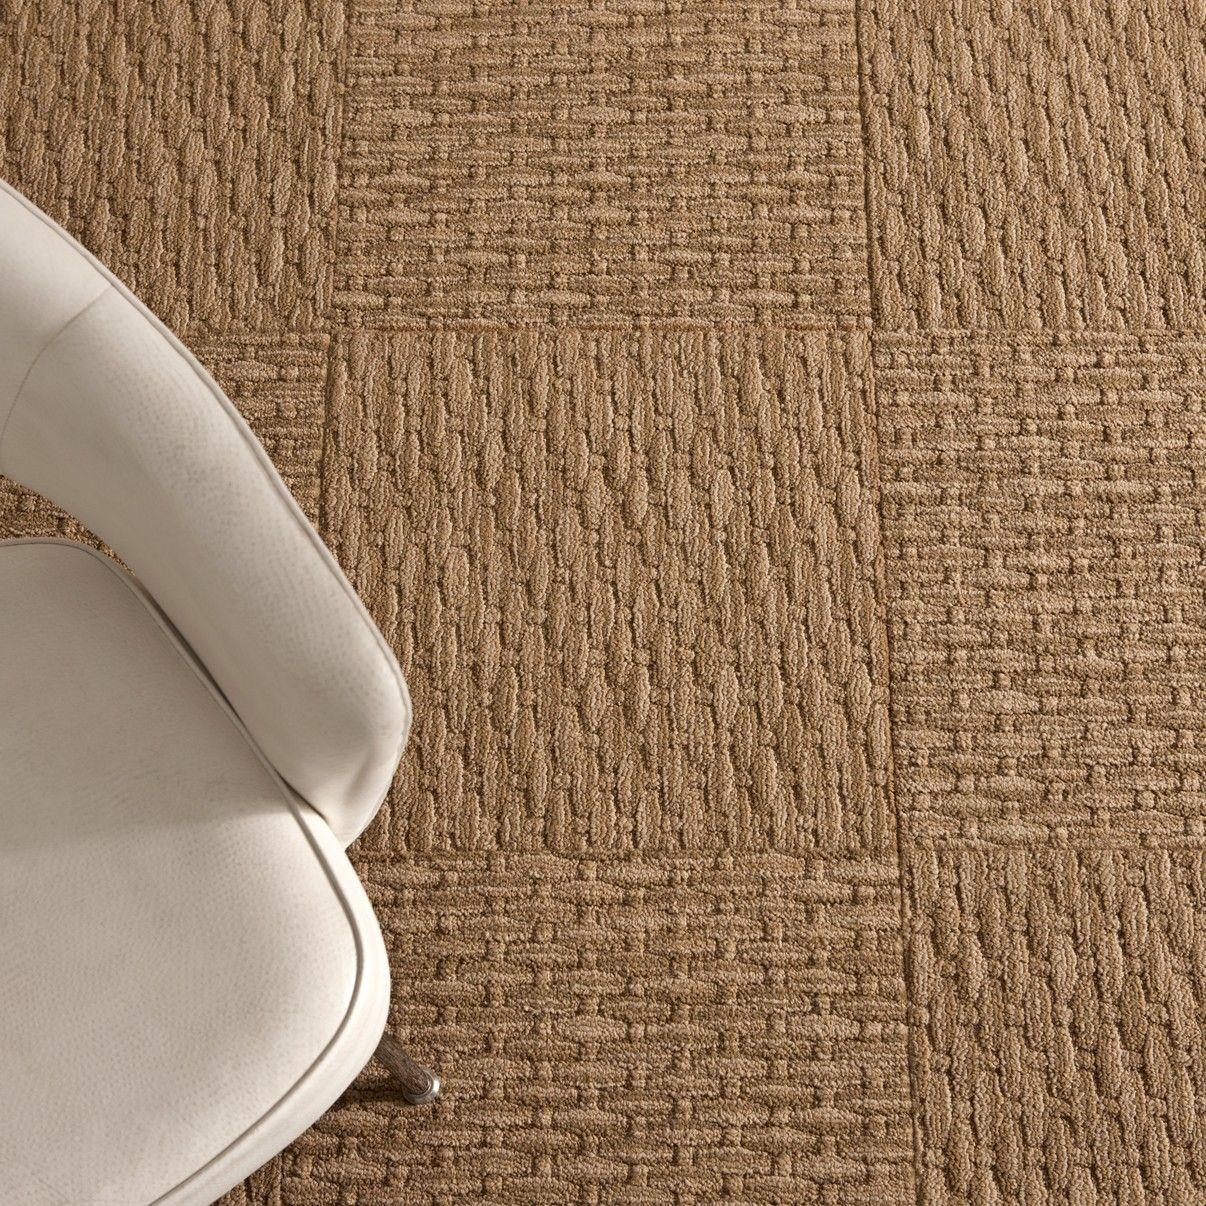 die besten 25 keller teppich ideen auf pinterest schlafzimmer teppichboden teppichfarben und. Black Bedroom Furniture Sets. Home Design Ideas